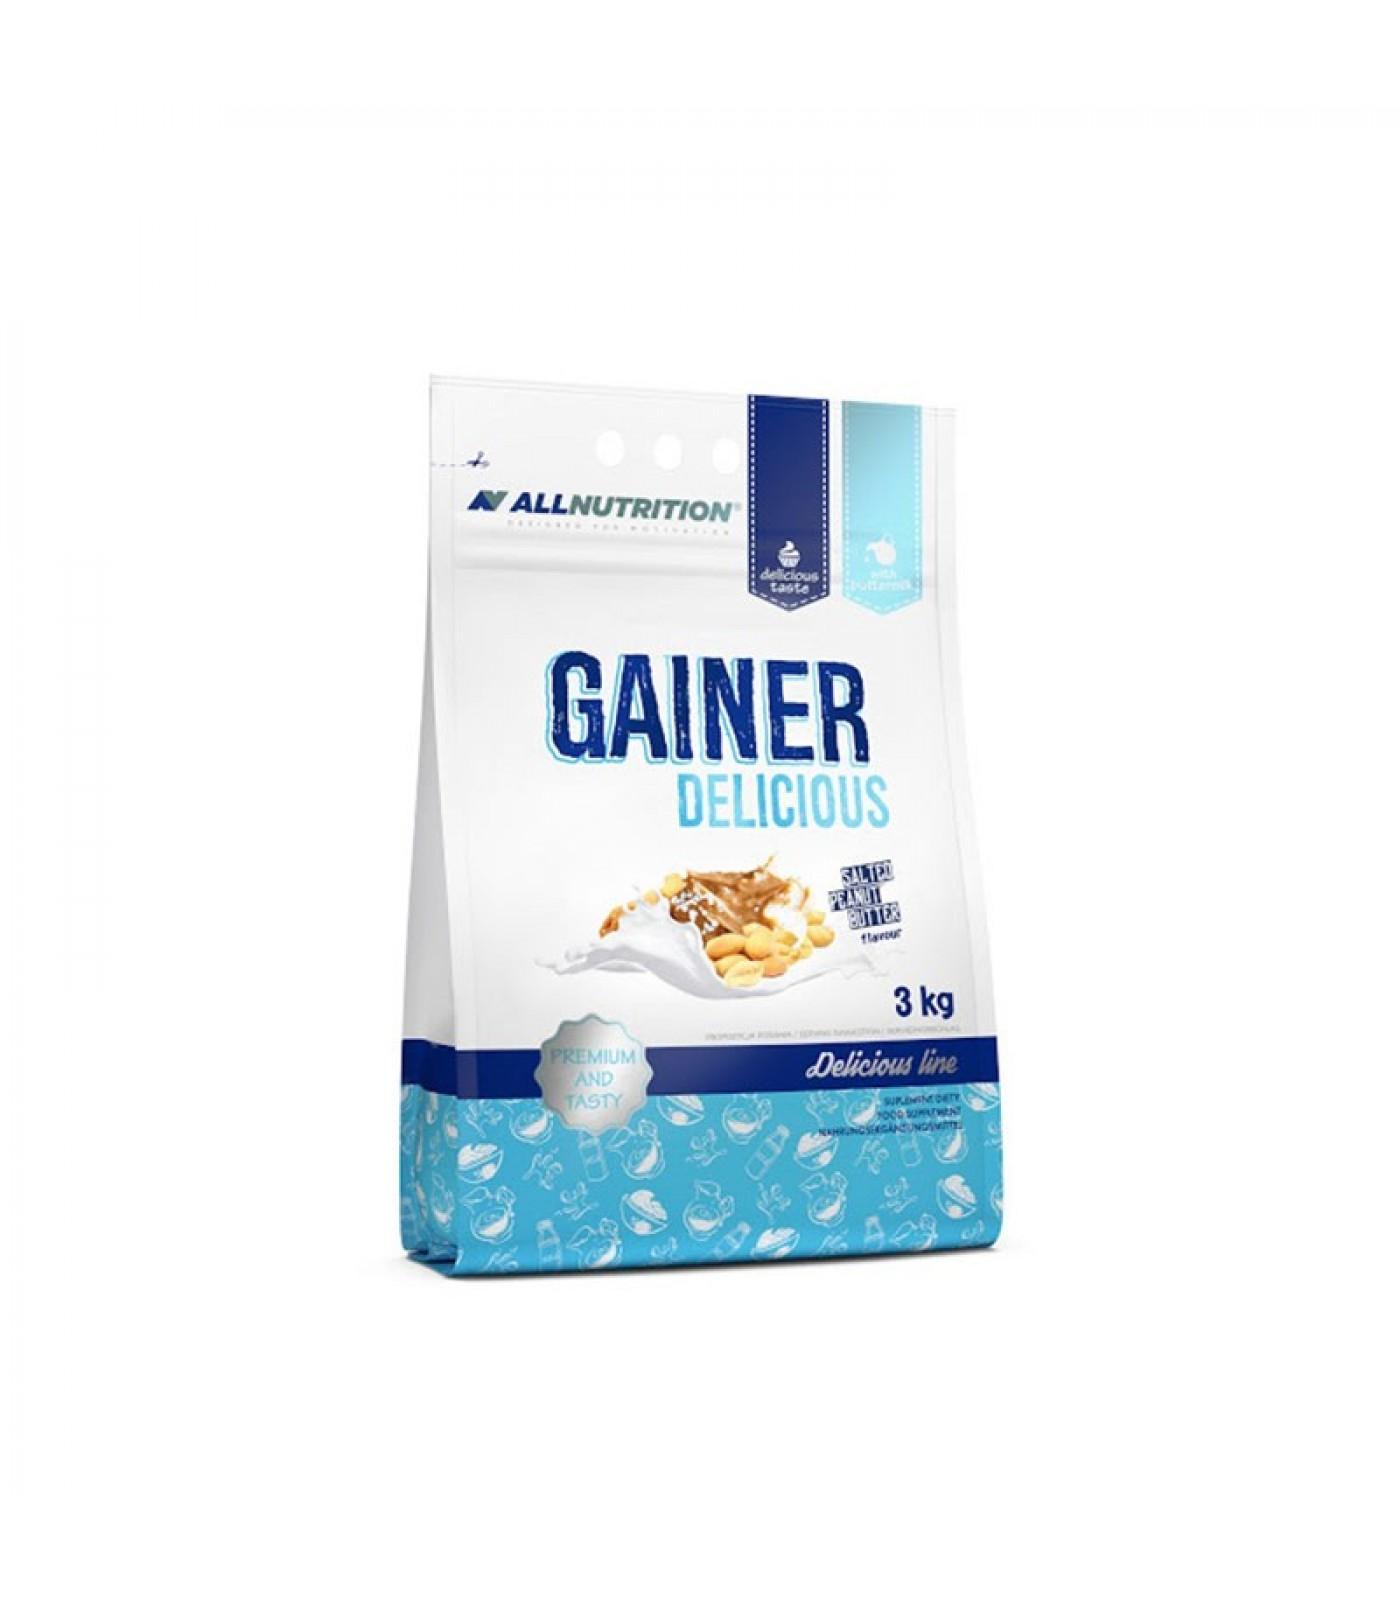 Allnutrition Gainer Delicious / 1000g